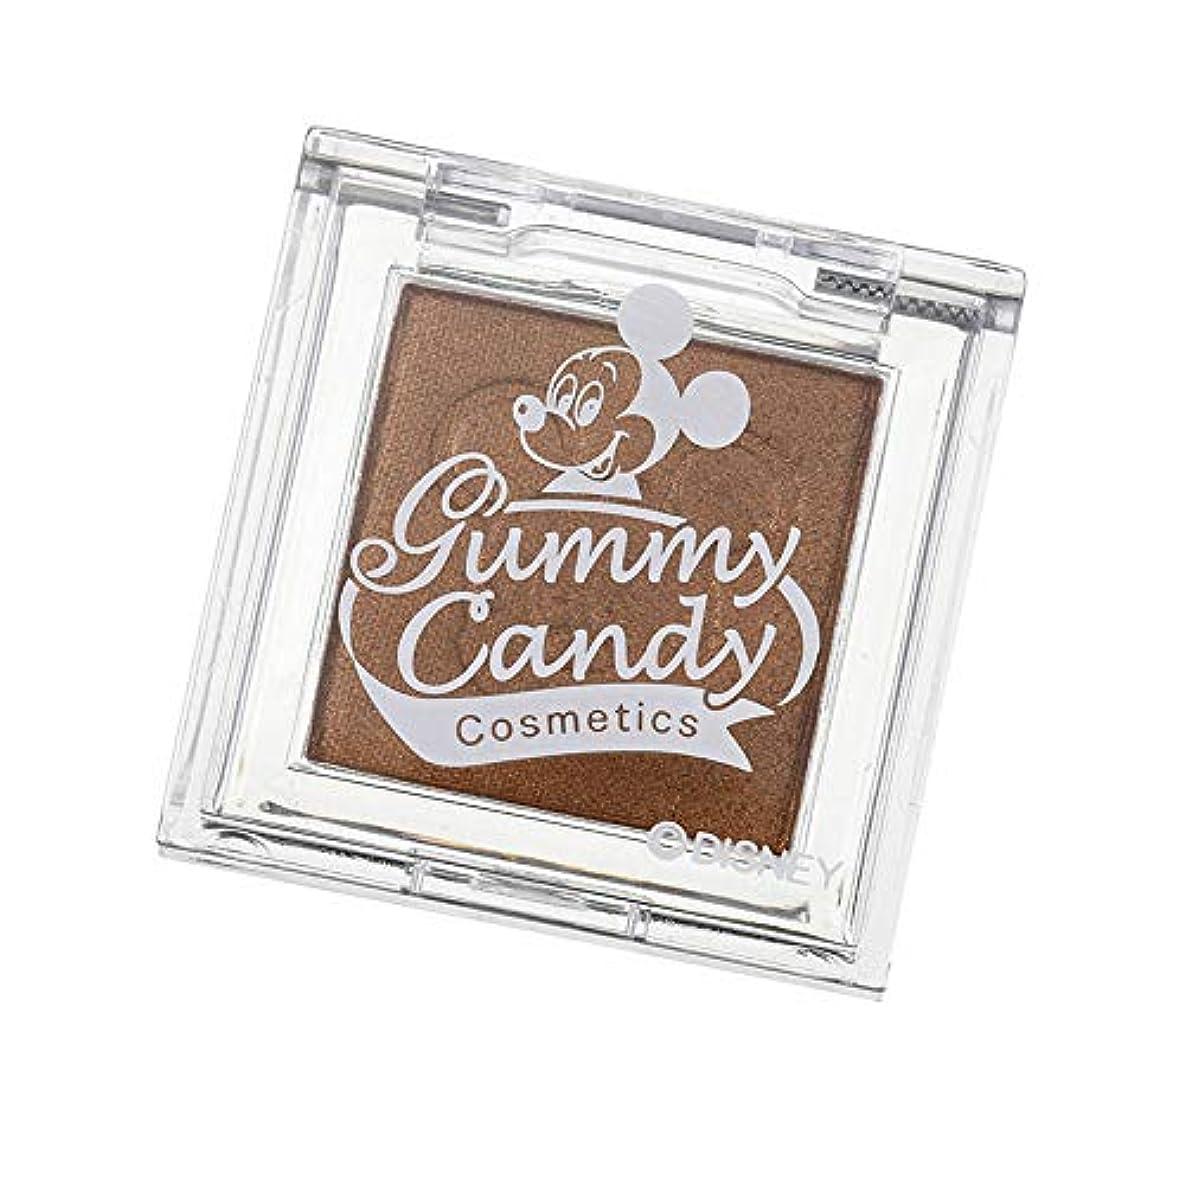 分数マイクその結果ディズニーストア(公式)アイシャドウ ミッキー ブラウン Gummy Candy Cosme